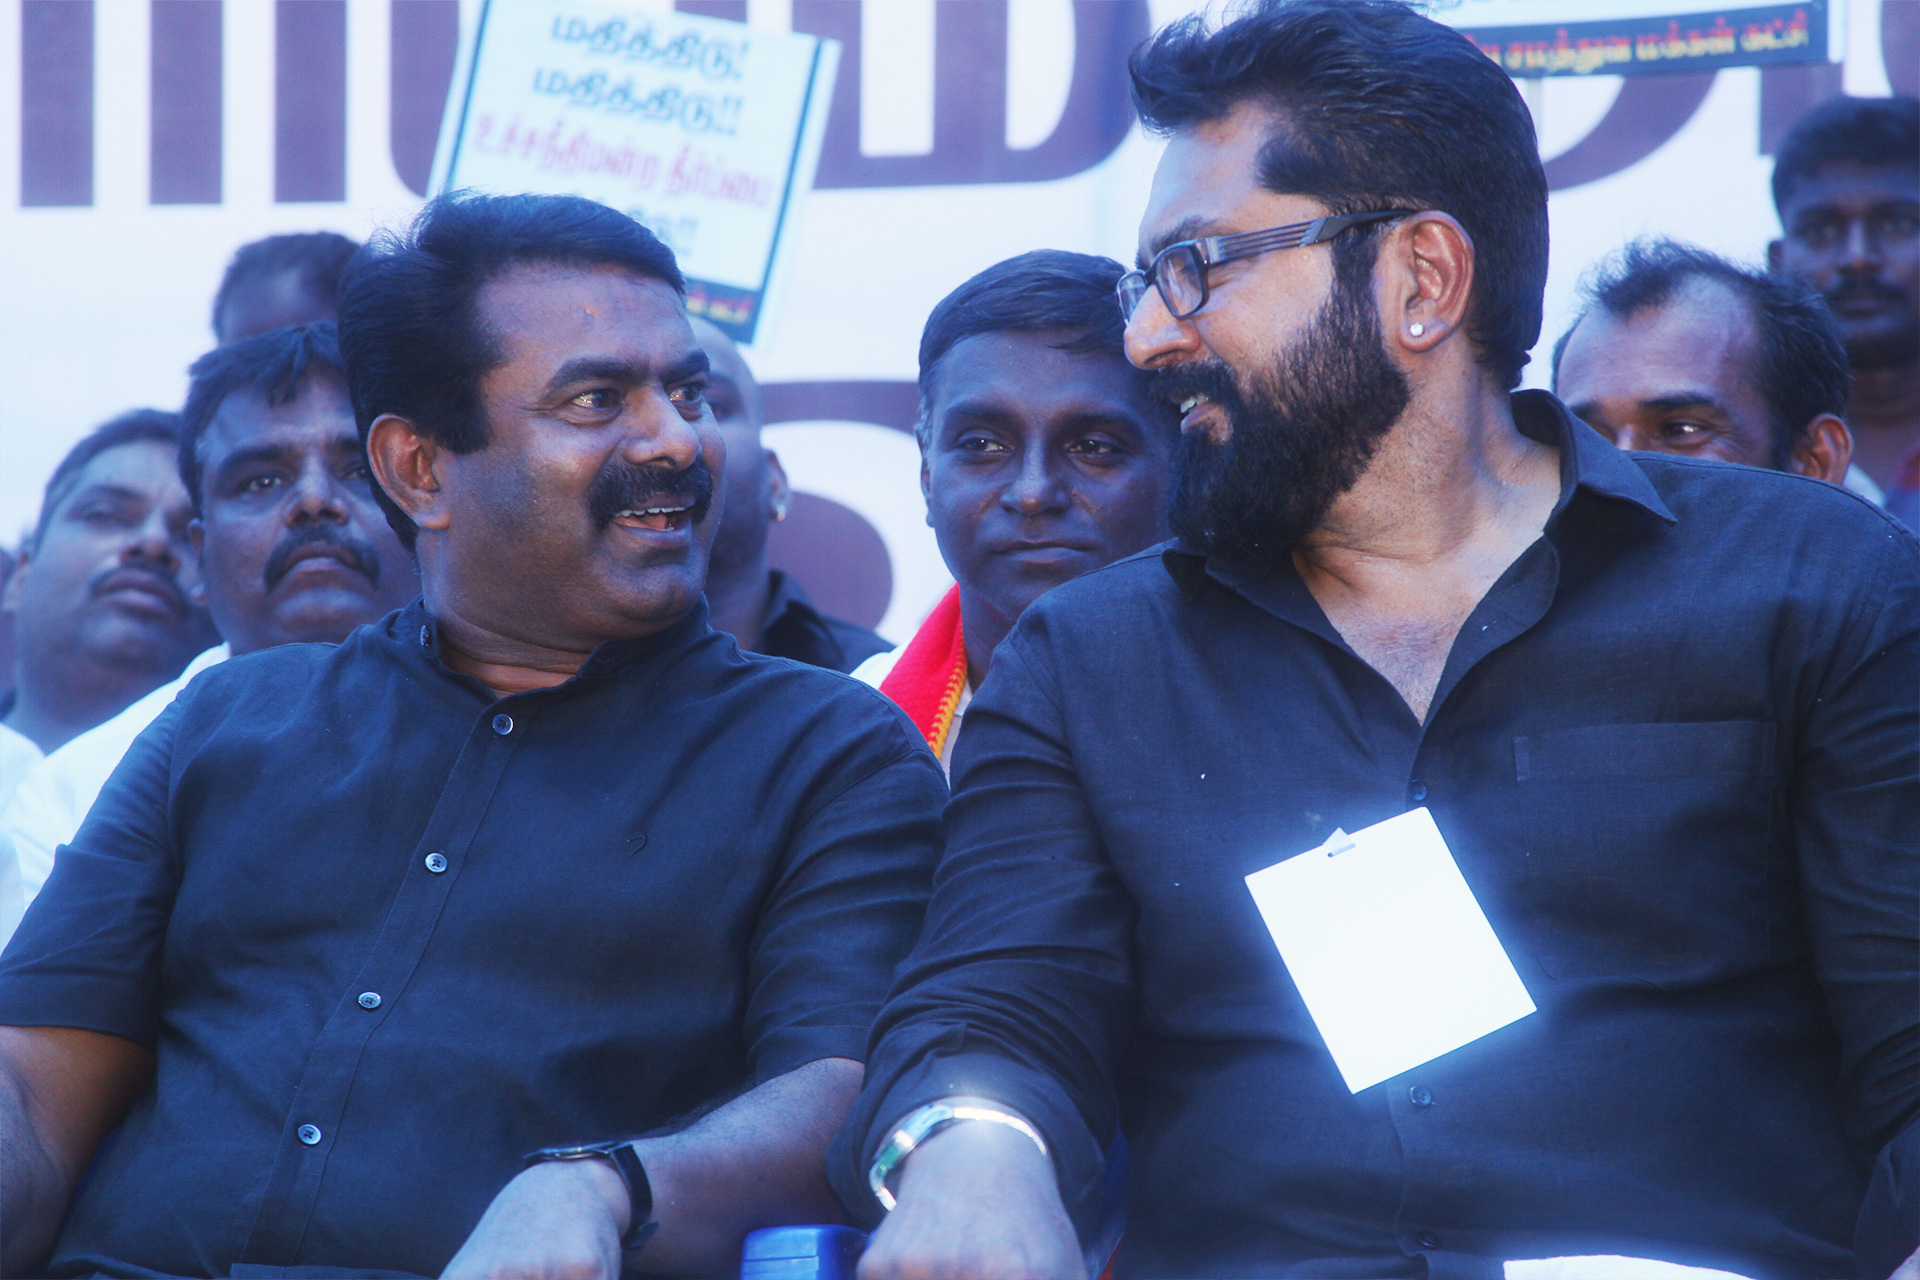 காவிரி மேலாண்மை அமைக்கக்கோரி சரத்குமார் போராட்டம் – சீமான் கண்டனவுரை naam tamilar katchi seeman speech sarathkumar protest thirumavalavan cauvery sterlite chennai 5